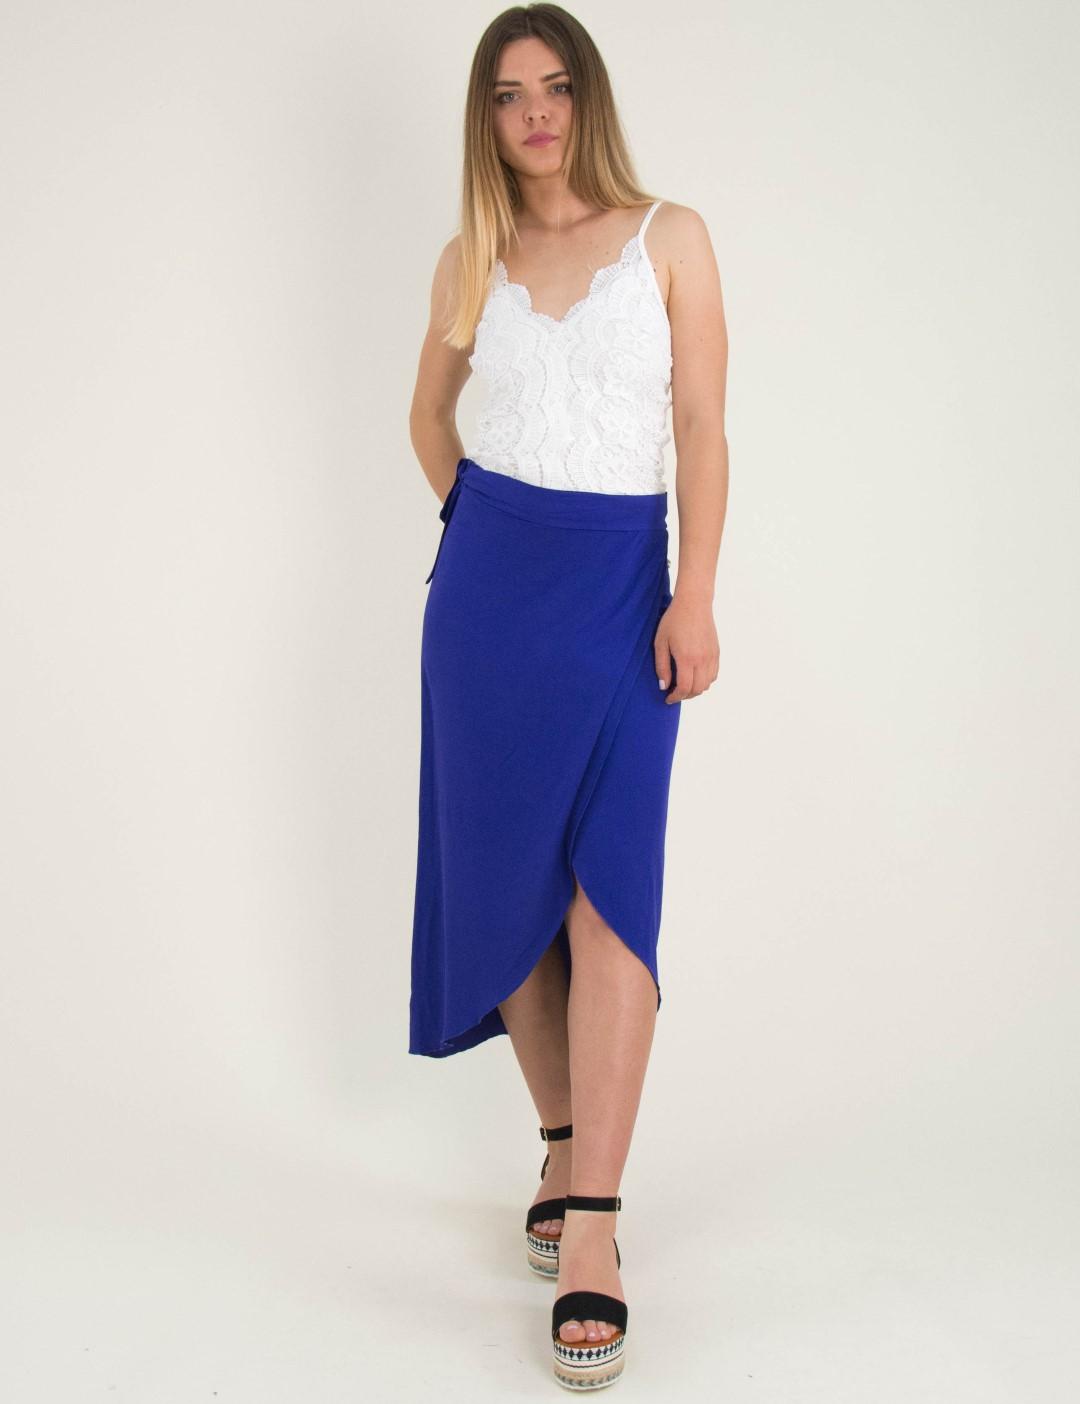 553c50102bbb Γυναικεία ρουά μάξι φούστα χιαστί Coocu 17841L